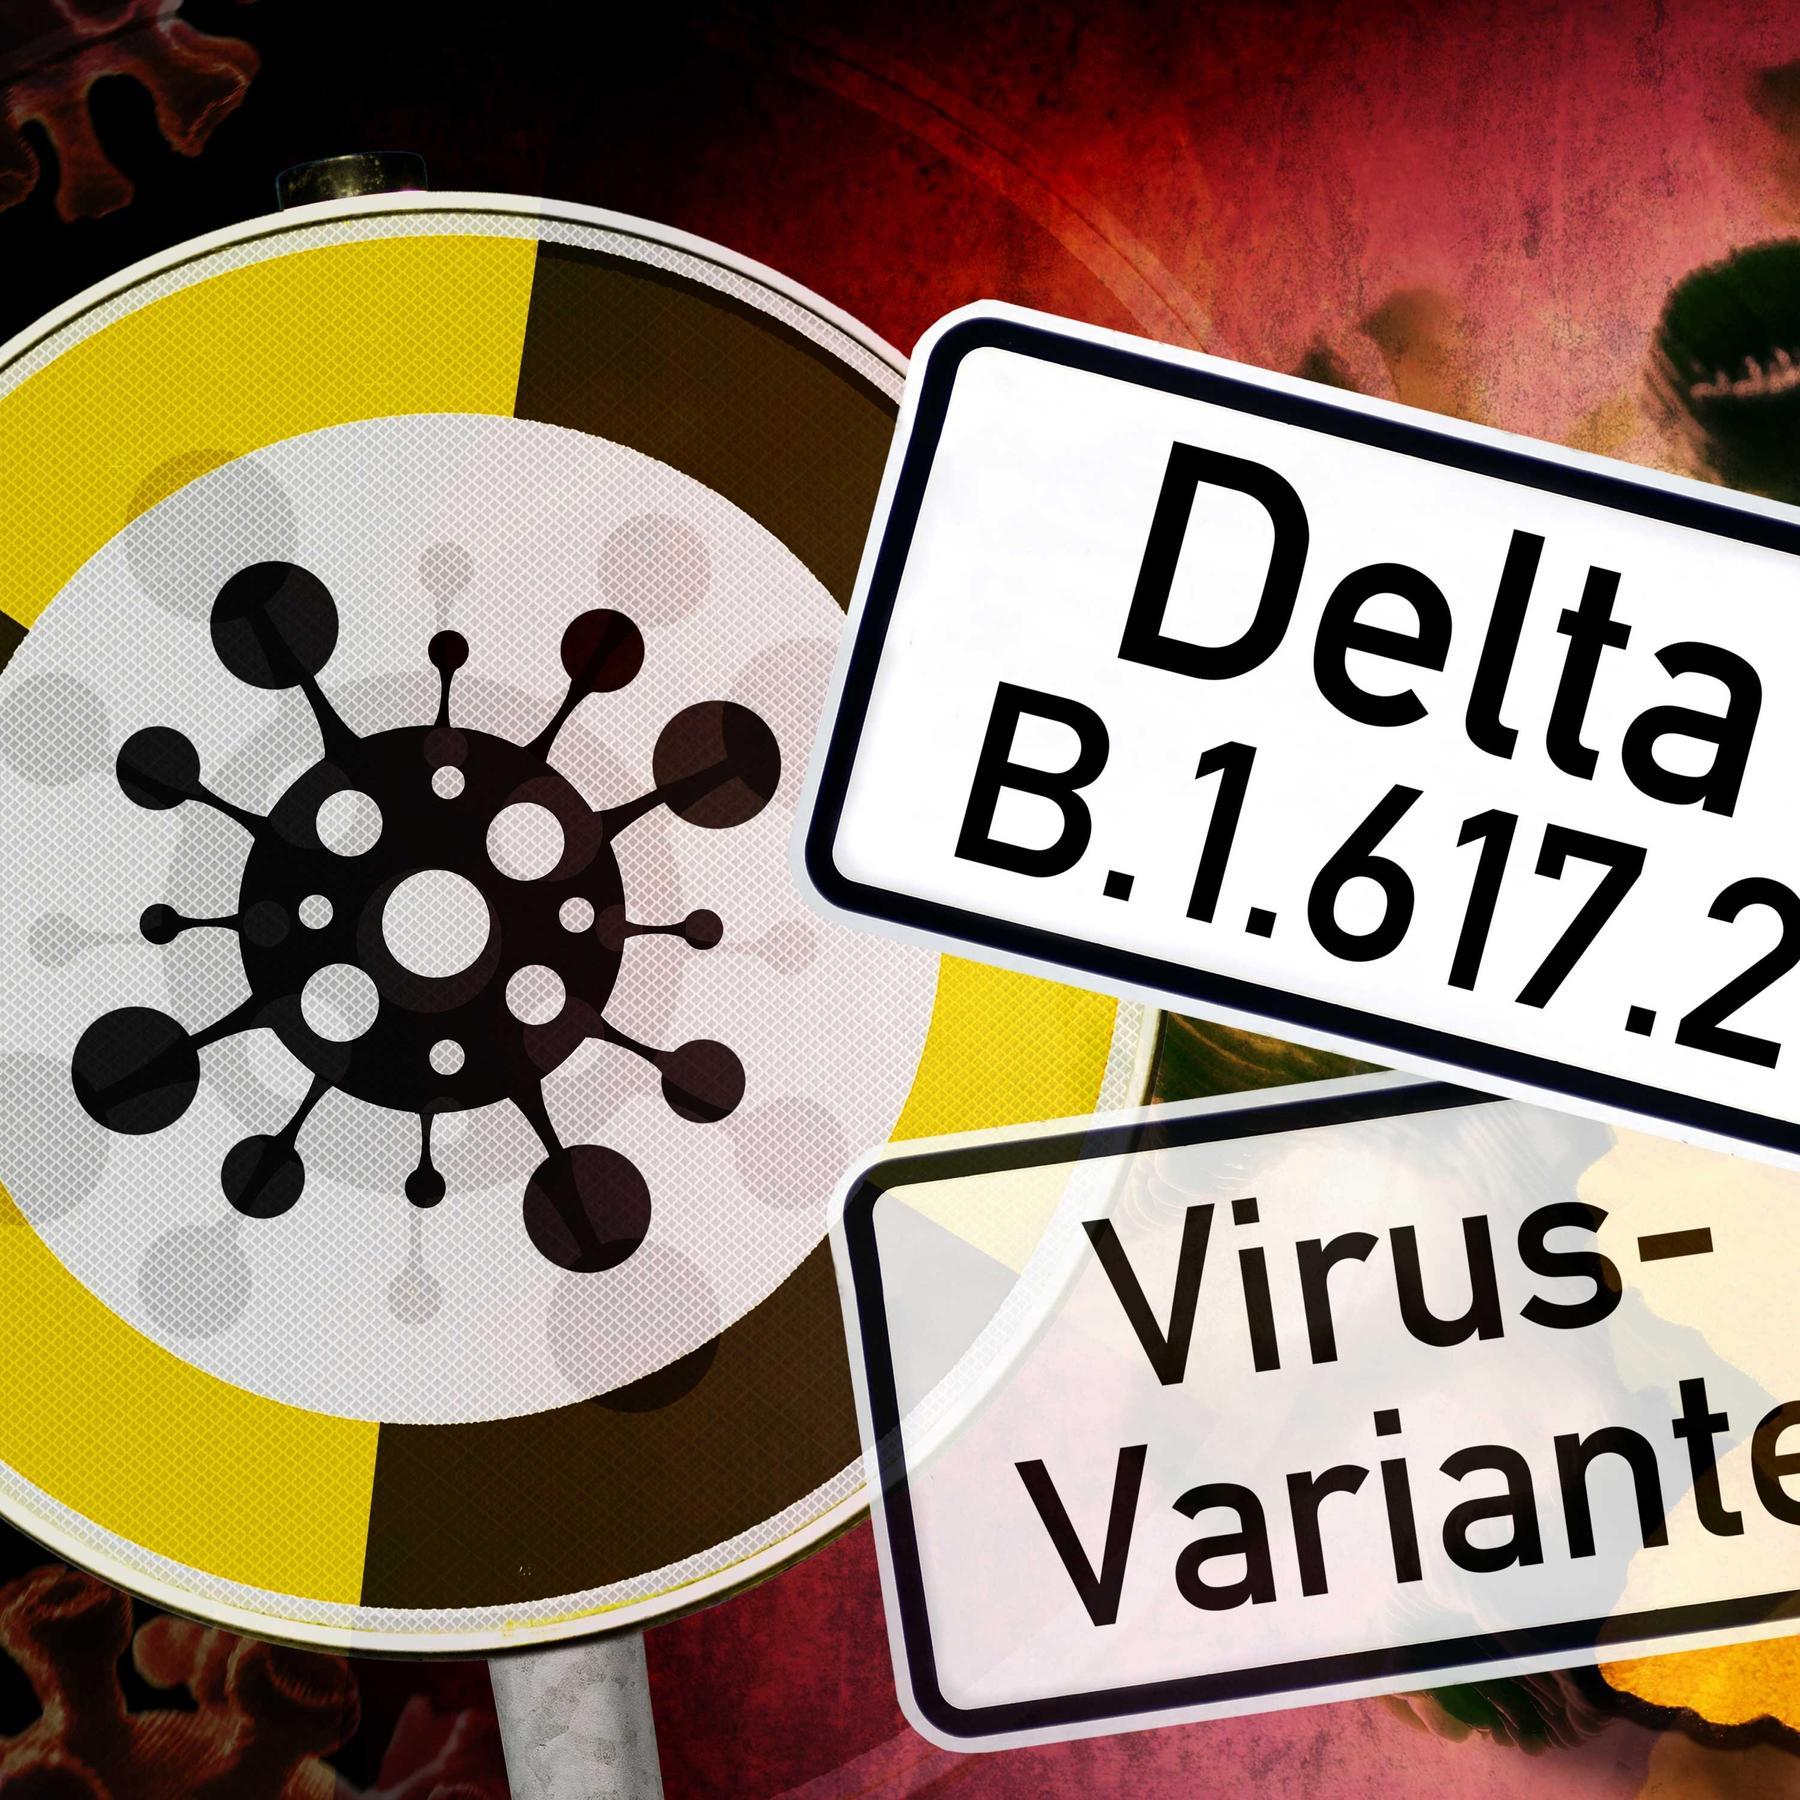 Coronavariante Delta - Wie verhindern wir eine neue Ansteckungswelle?